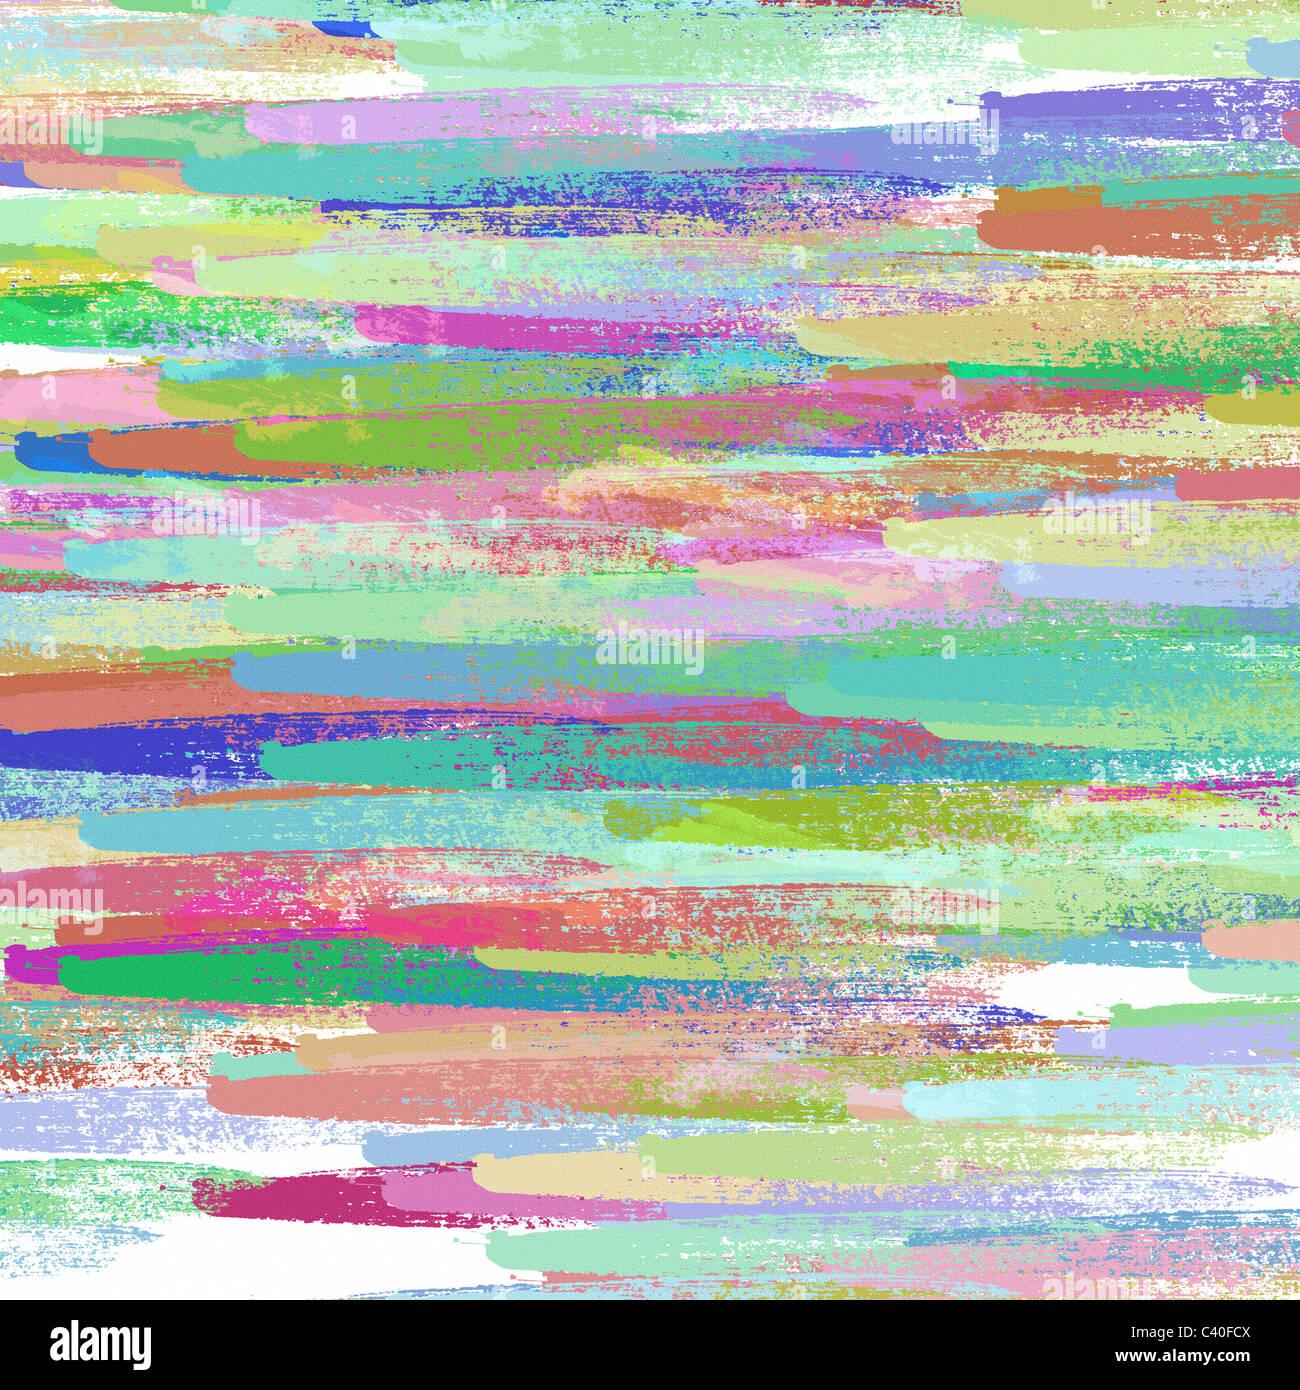 Impostare il colore delle pennellate di vernice Immagini Stock